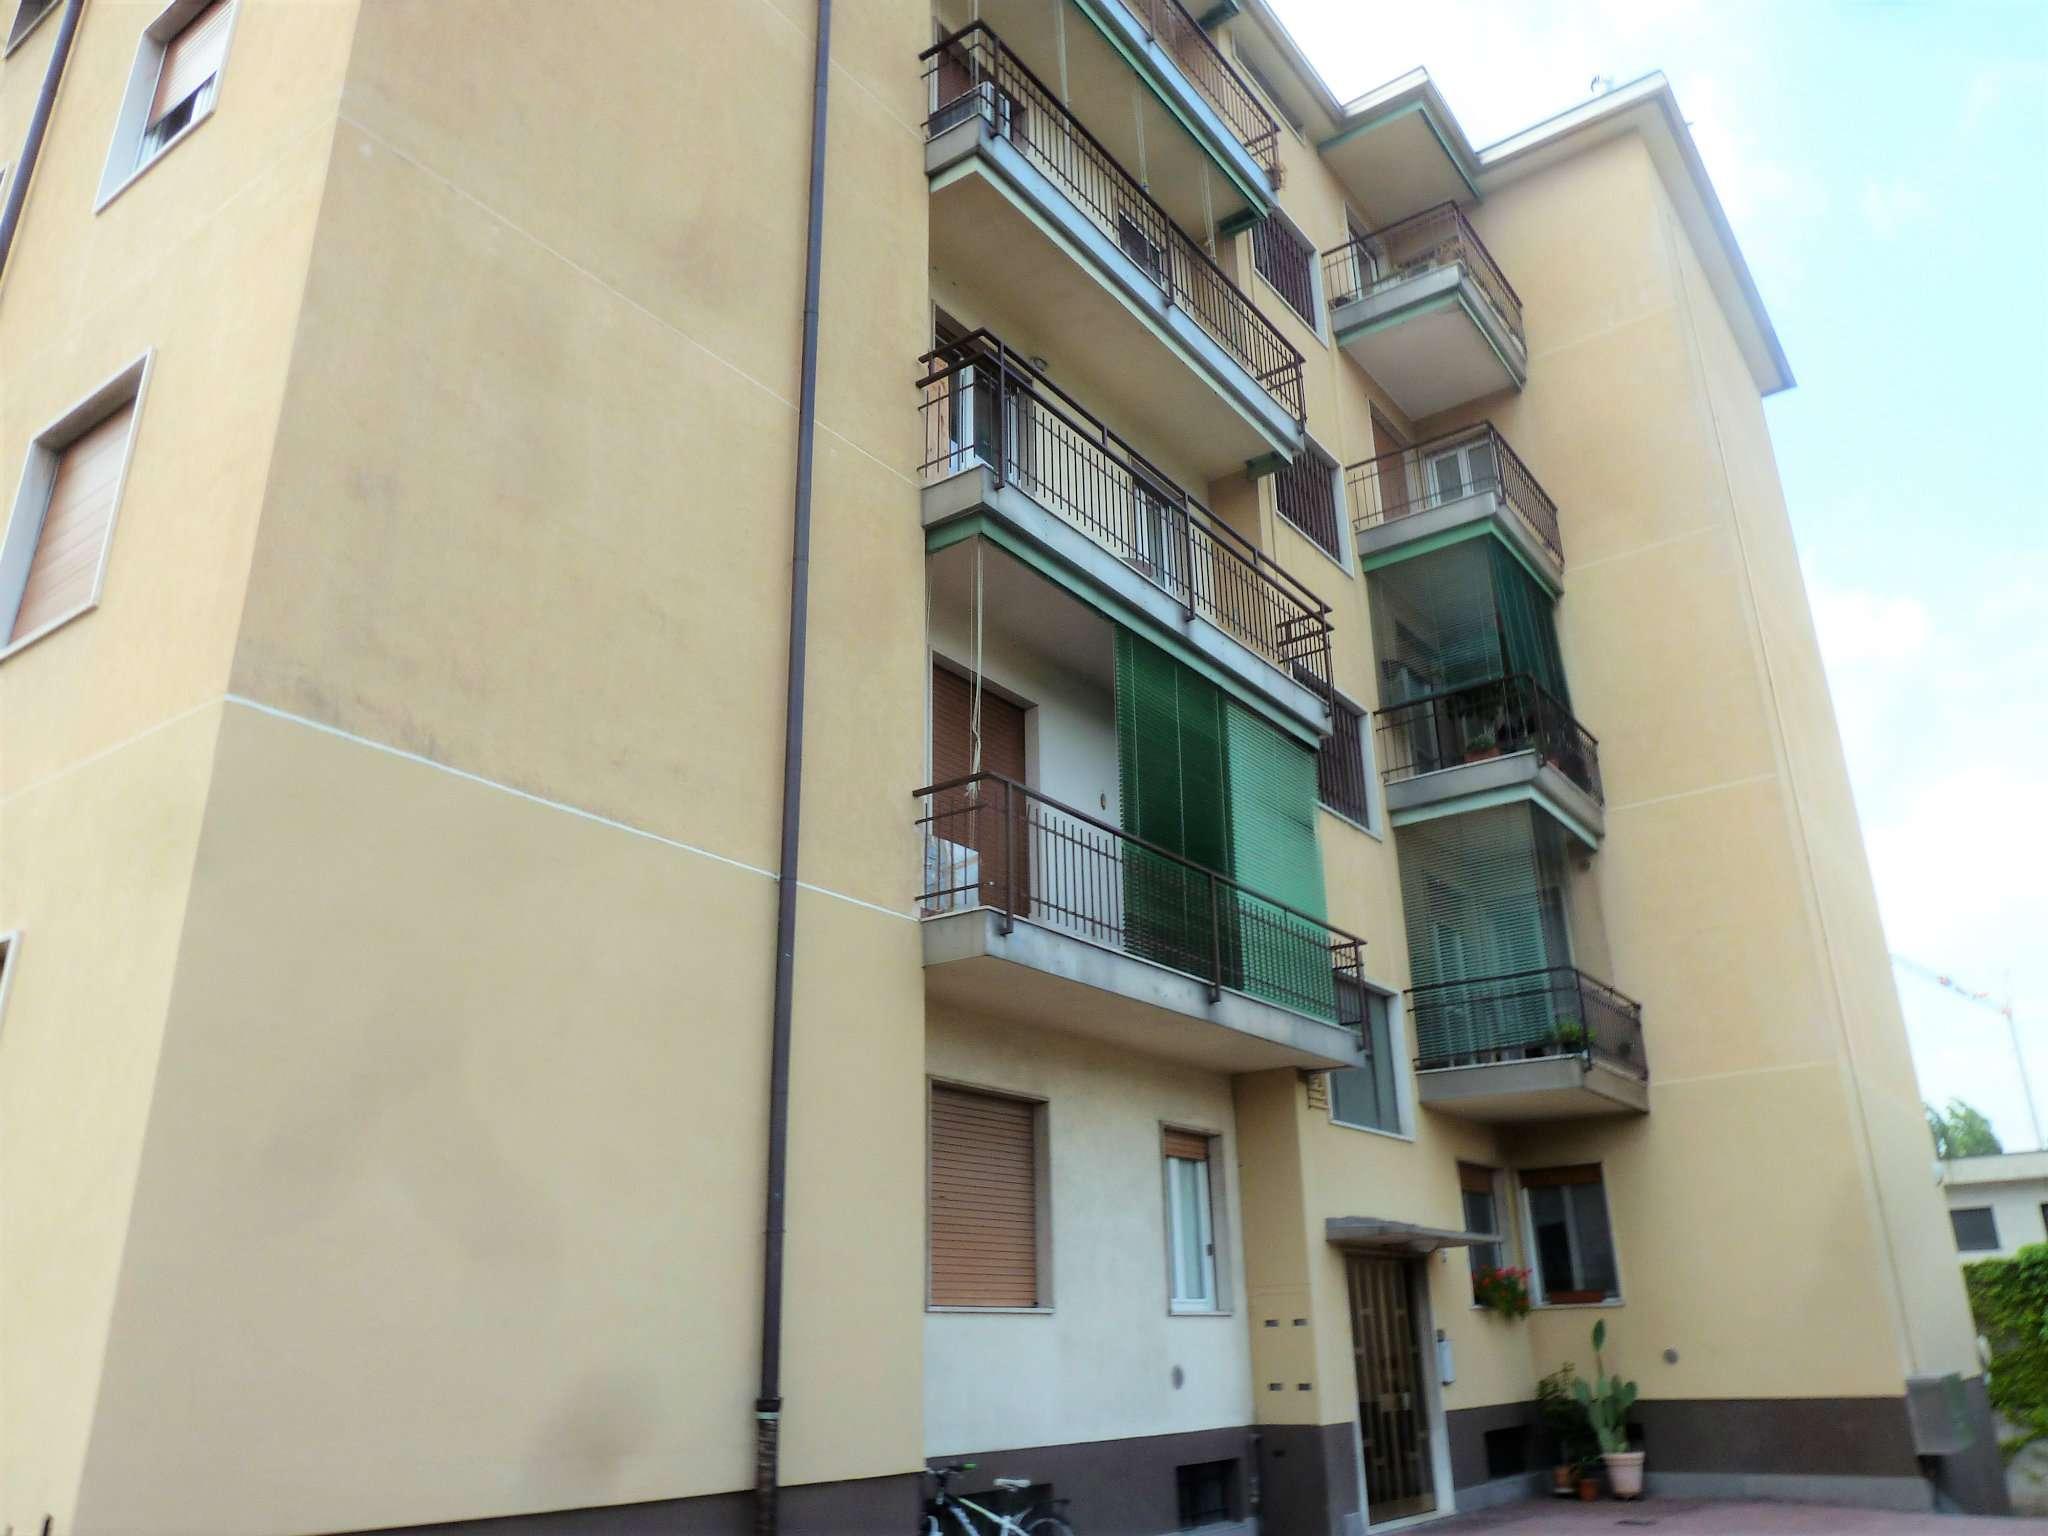 Appartamento in vendita a Saronno, 3 locali, prezzo € 155.000 | CambioCasa.it